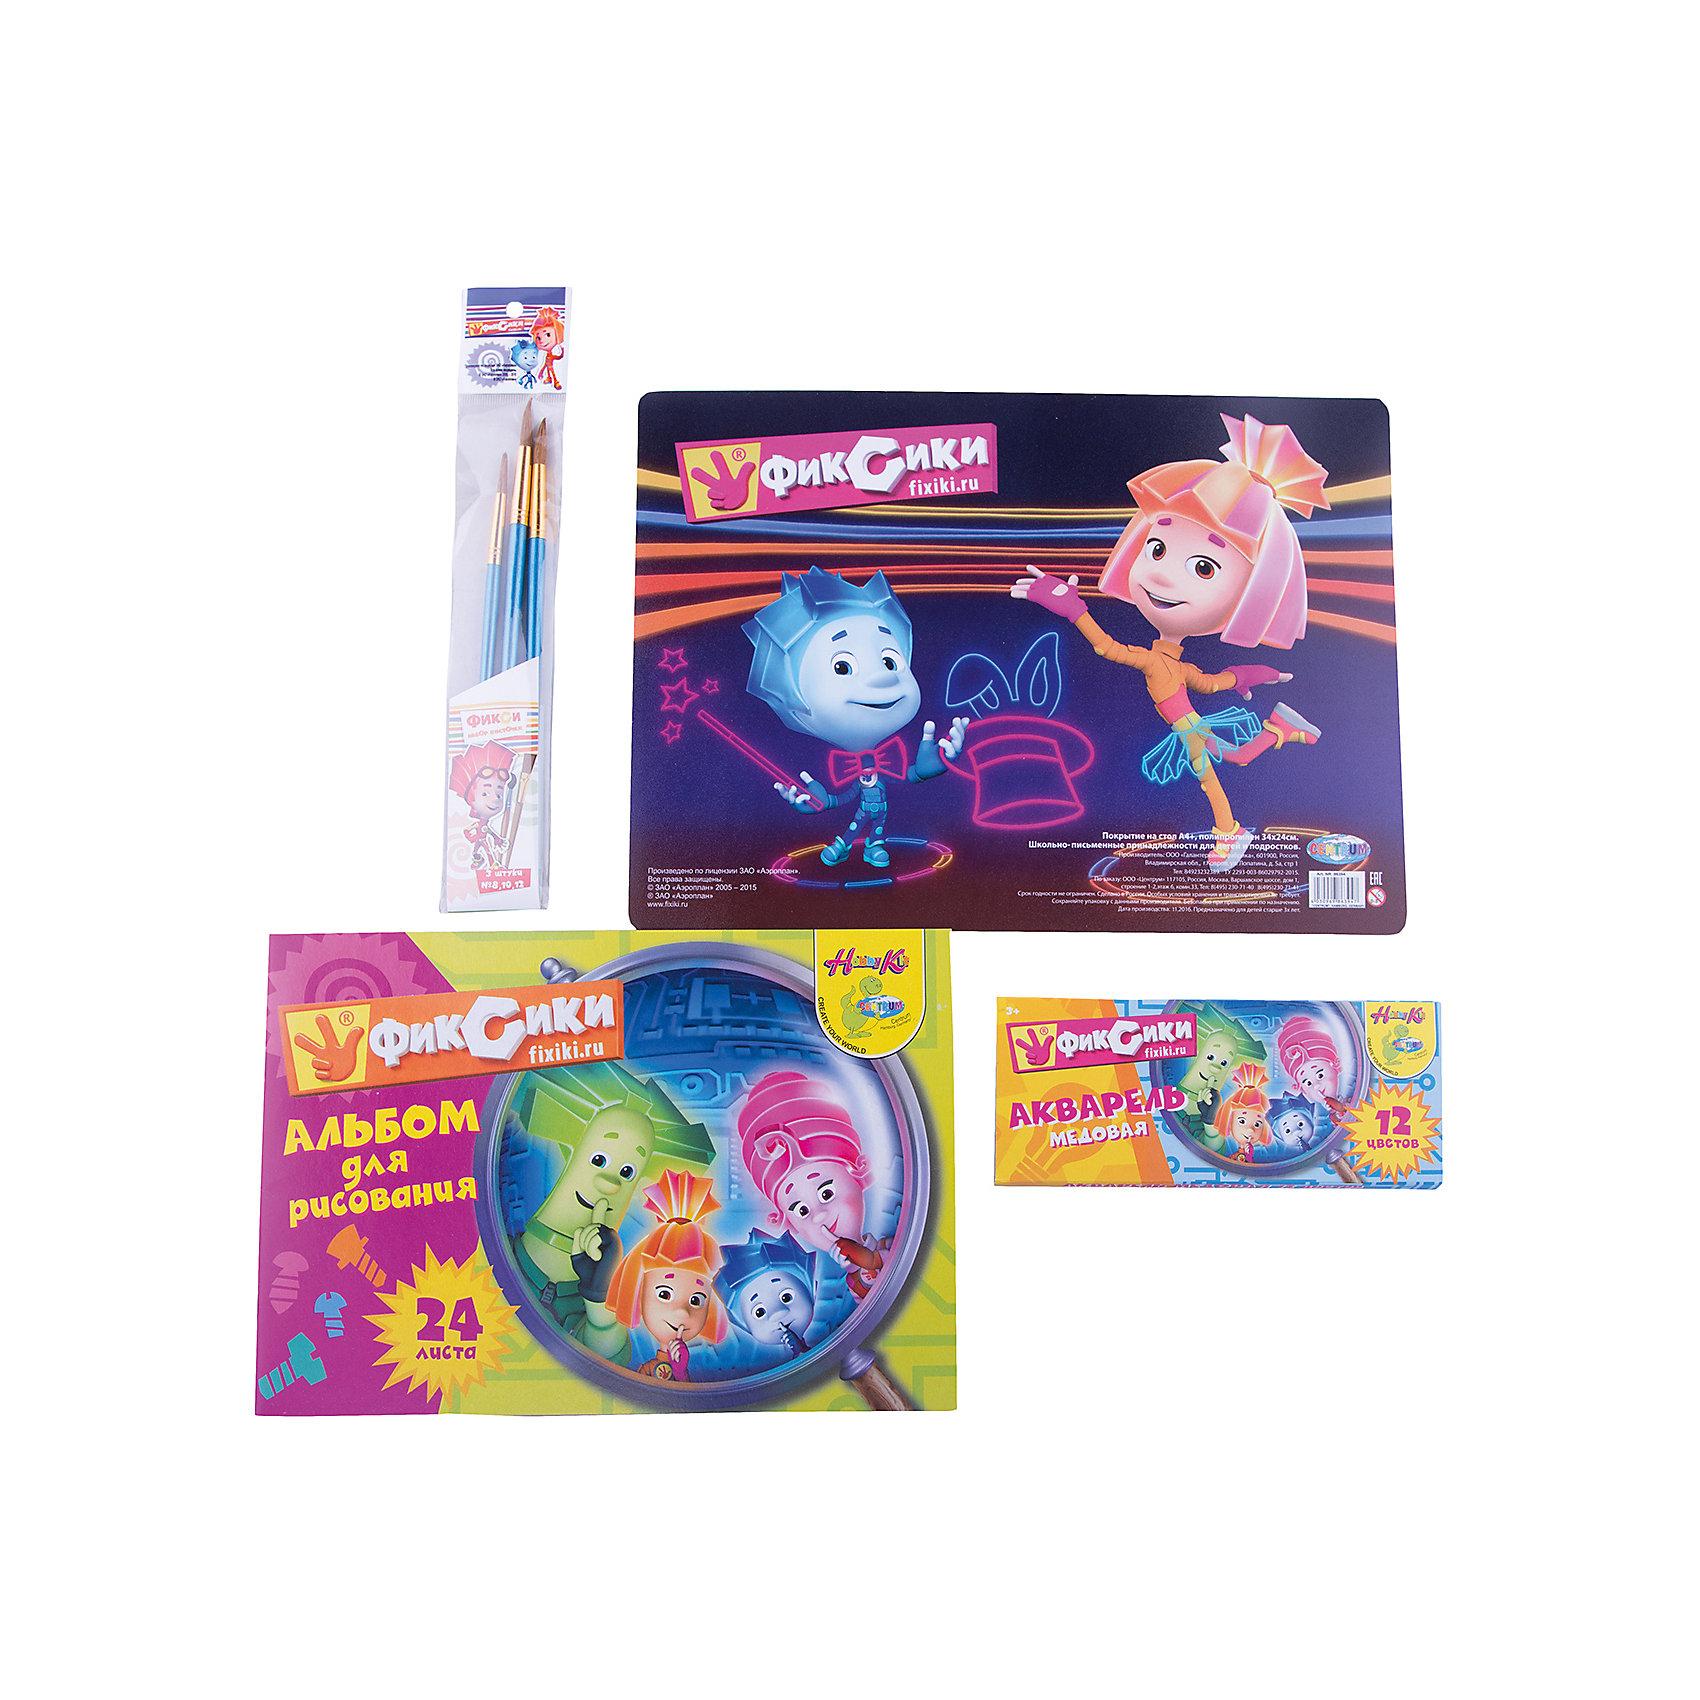 Набор для рисования Фиксики (6 предметов)Популярные игрушки<br>Набор для рисования Фиксики (6 предметов), Centrum (Центрум)<br><br>Характеристики:<br><br>• содержит всё необходимое для творчества<br>• приятный дизайн с героями мультфильма Фиксики<br>• в комплекте: альбом (24 листа), акварель (12 цветов), кисточки №8,10,12, покрытие на стол А4<br><br>Набор Фиксики от Centrum станет прекрасным подарком для любителей рисования. В комплект входит альбом, набор ярких красок, кисточки трёх размеров и покрытие для стола. Покрытие украшено изображением из мультфильма Фиксики. Оно защитит стол от красок и подарит ребенку хорошее настроение!<br><br>Набор для рисования Фиксики (6 предметов), Centrum (Центрум) можно купить в нашем интернет-магазине.<br><br>Ширина мм: 25<br>Глубина мм: 345<br>Высота мм: 245<br>Вес г: 285<br>Возраст от месяцев: 36<br>Возраст до месяцев: 120<br>Пол: Унисекс<br>Возраст: Детский<br>SKU: 5175374